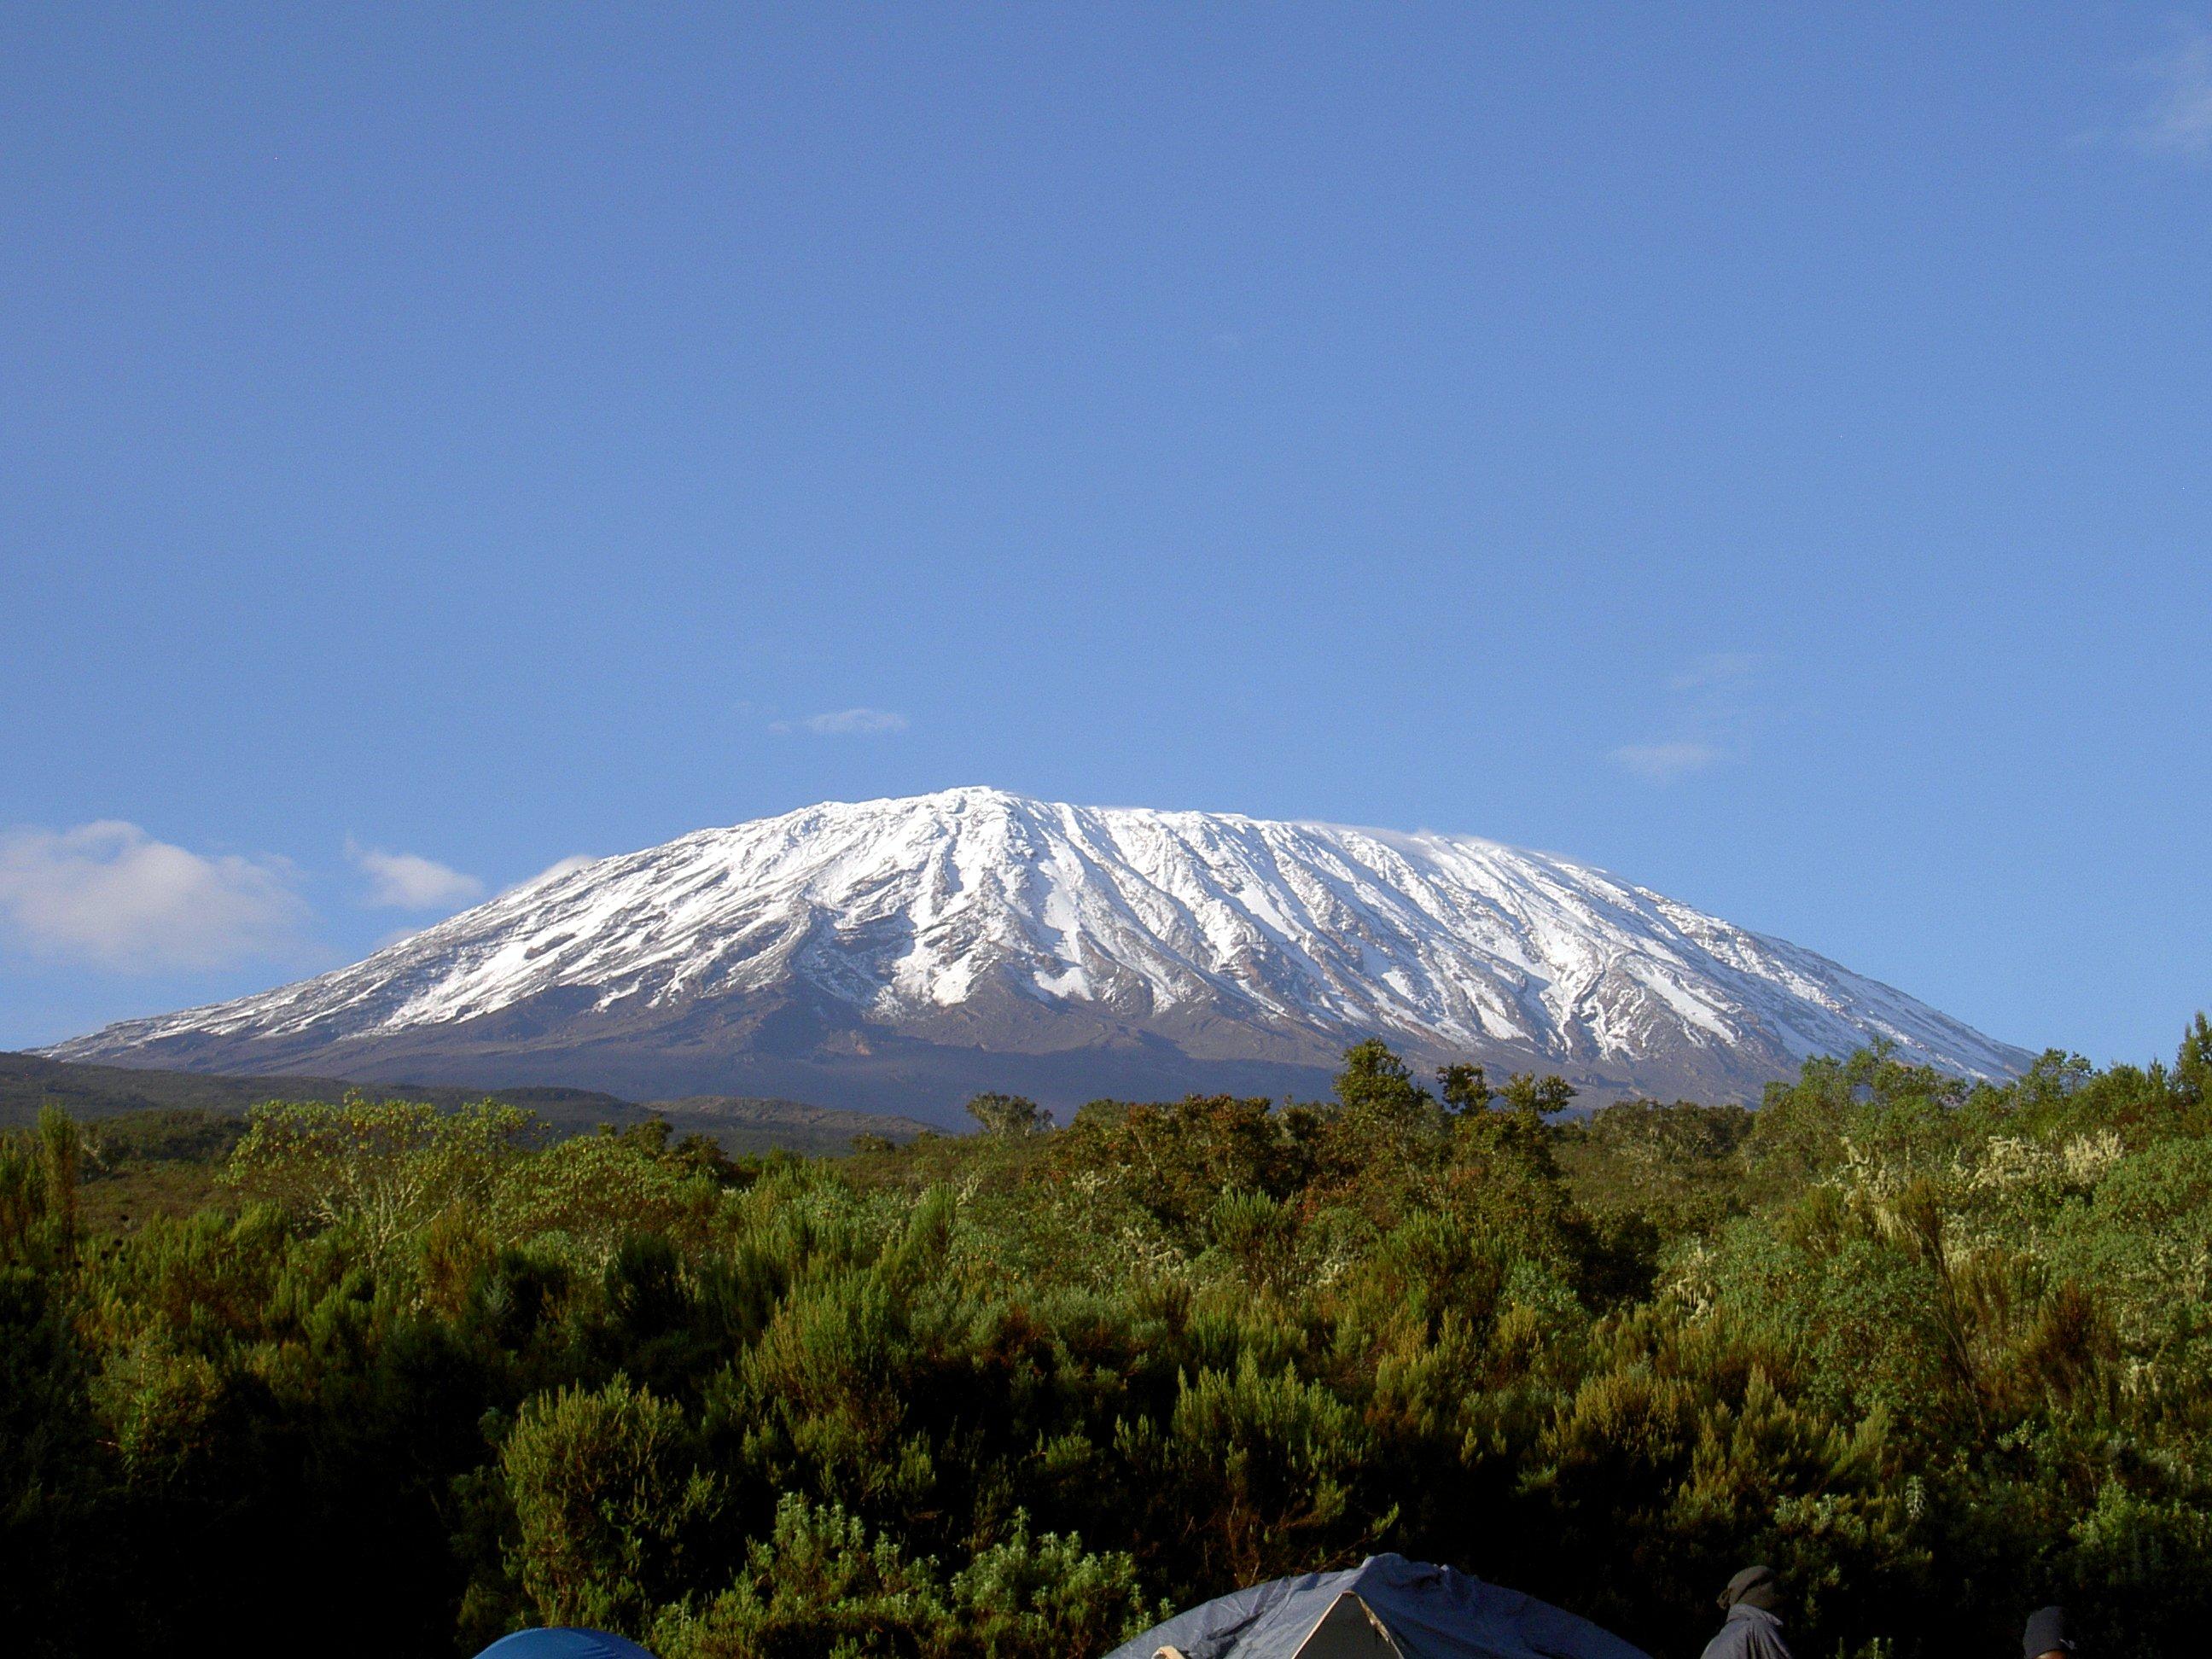 #Alpinisme - Conquérir les sommets les plus hauts de chaque continent...